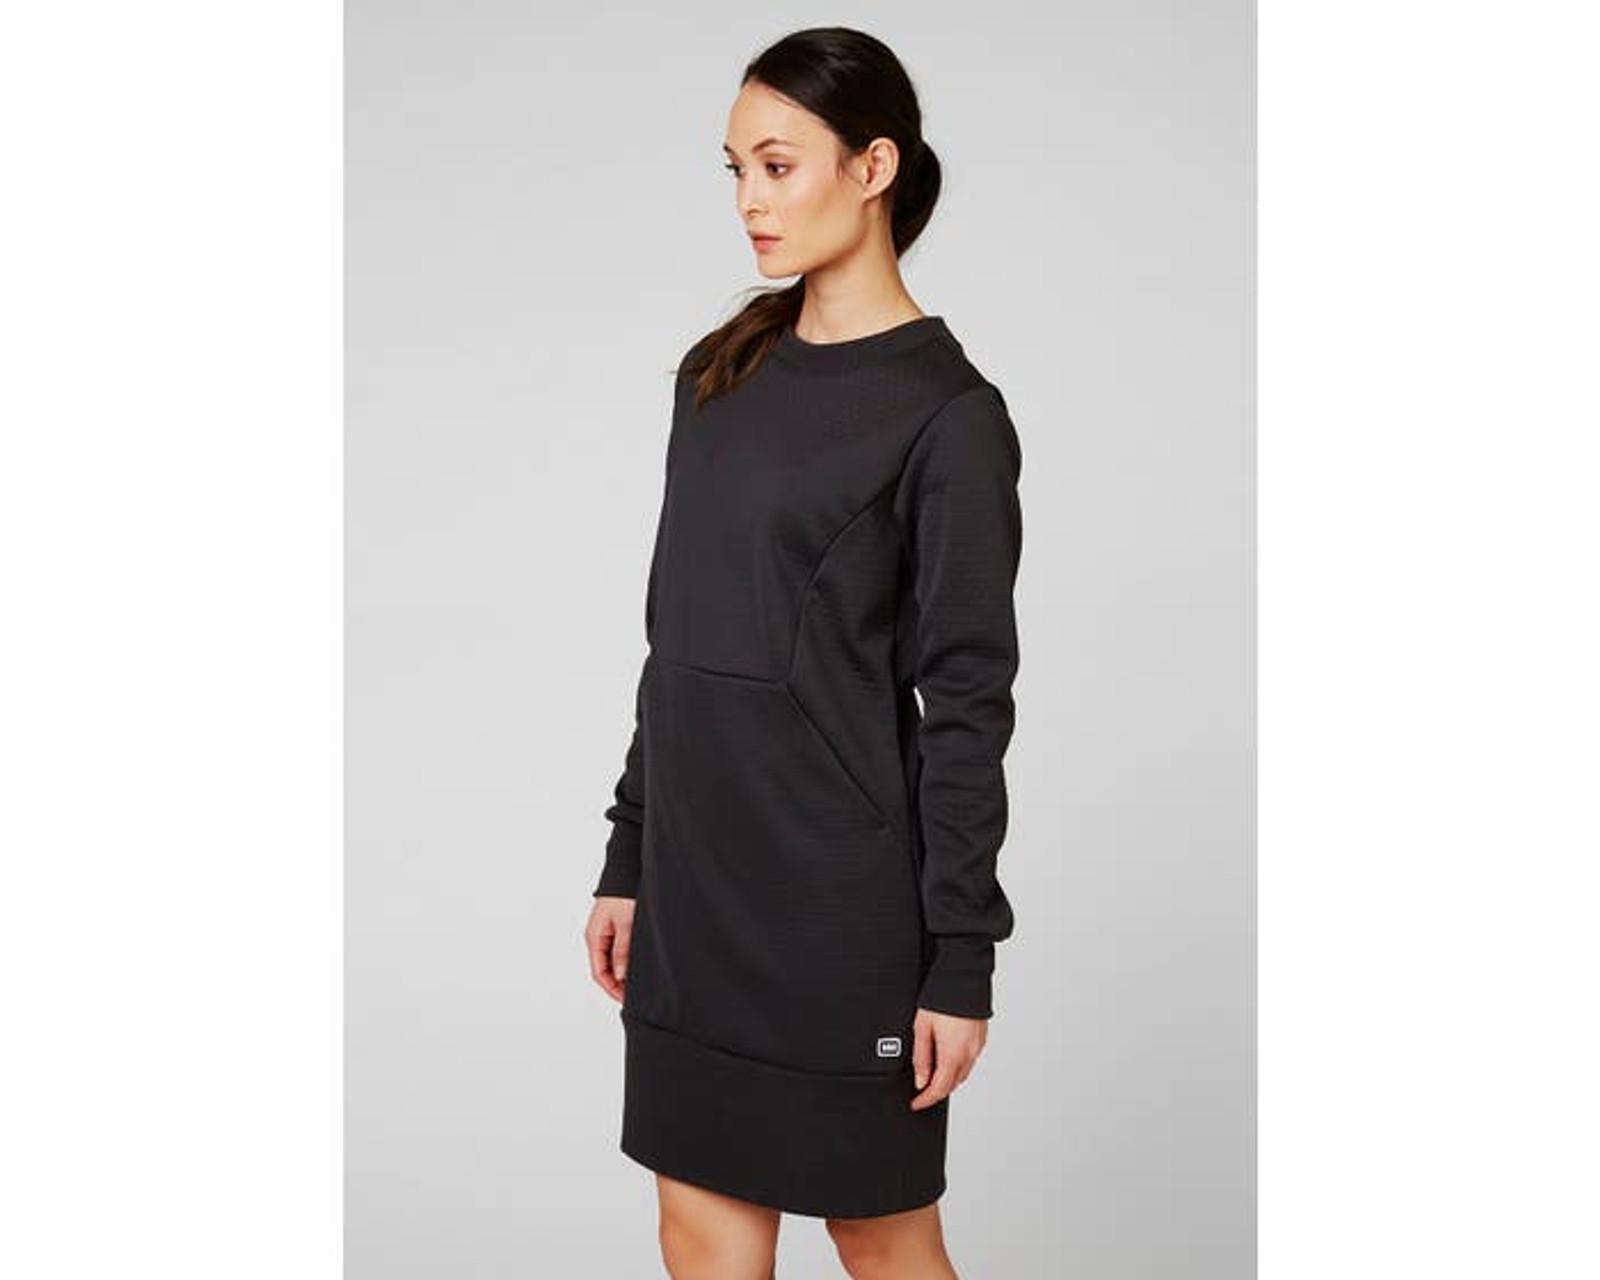 Helly Hansen Hytte Dress, Women's -Ebony, 62932-980 (62932-980) on body front